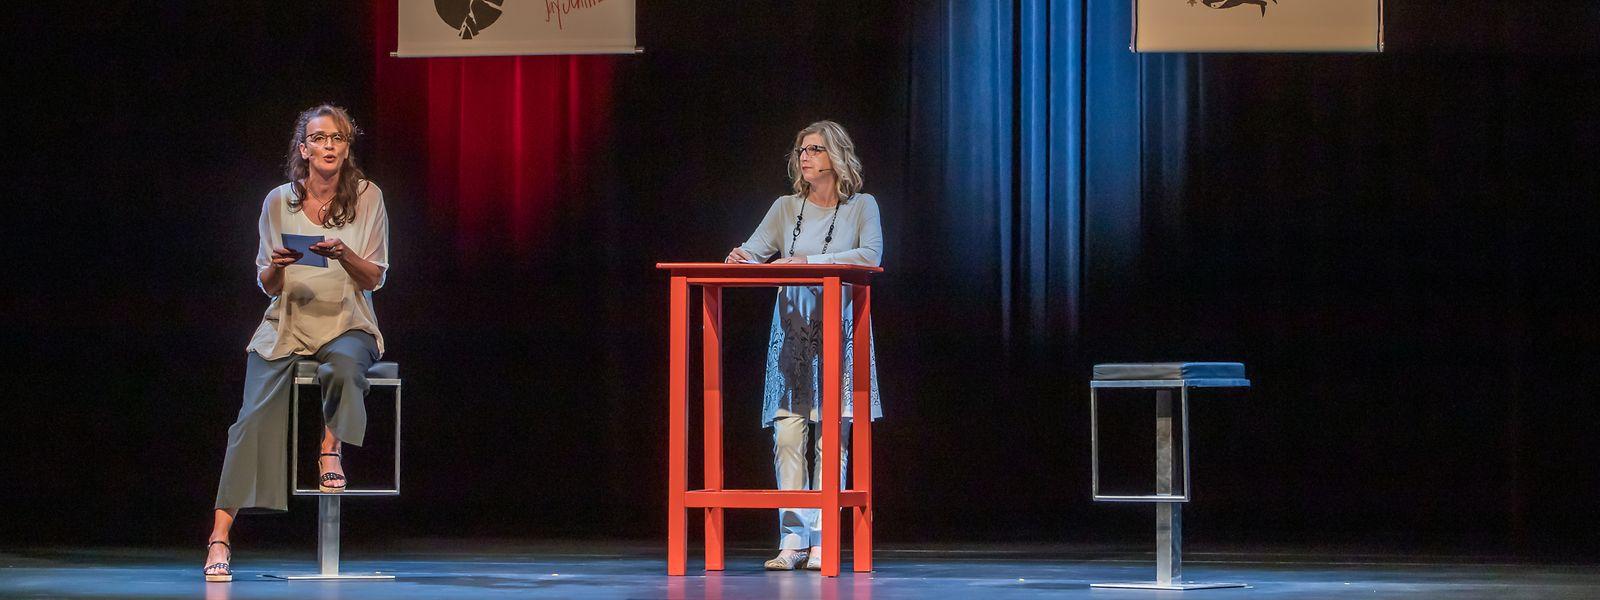 Marie-Jeanne Jacobs und Christiane Kremer (im Bild) sowie Clod Thommes und Roland Gelhausen gaben der Textcollage auf der Bühne ihre Stimme.